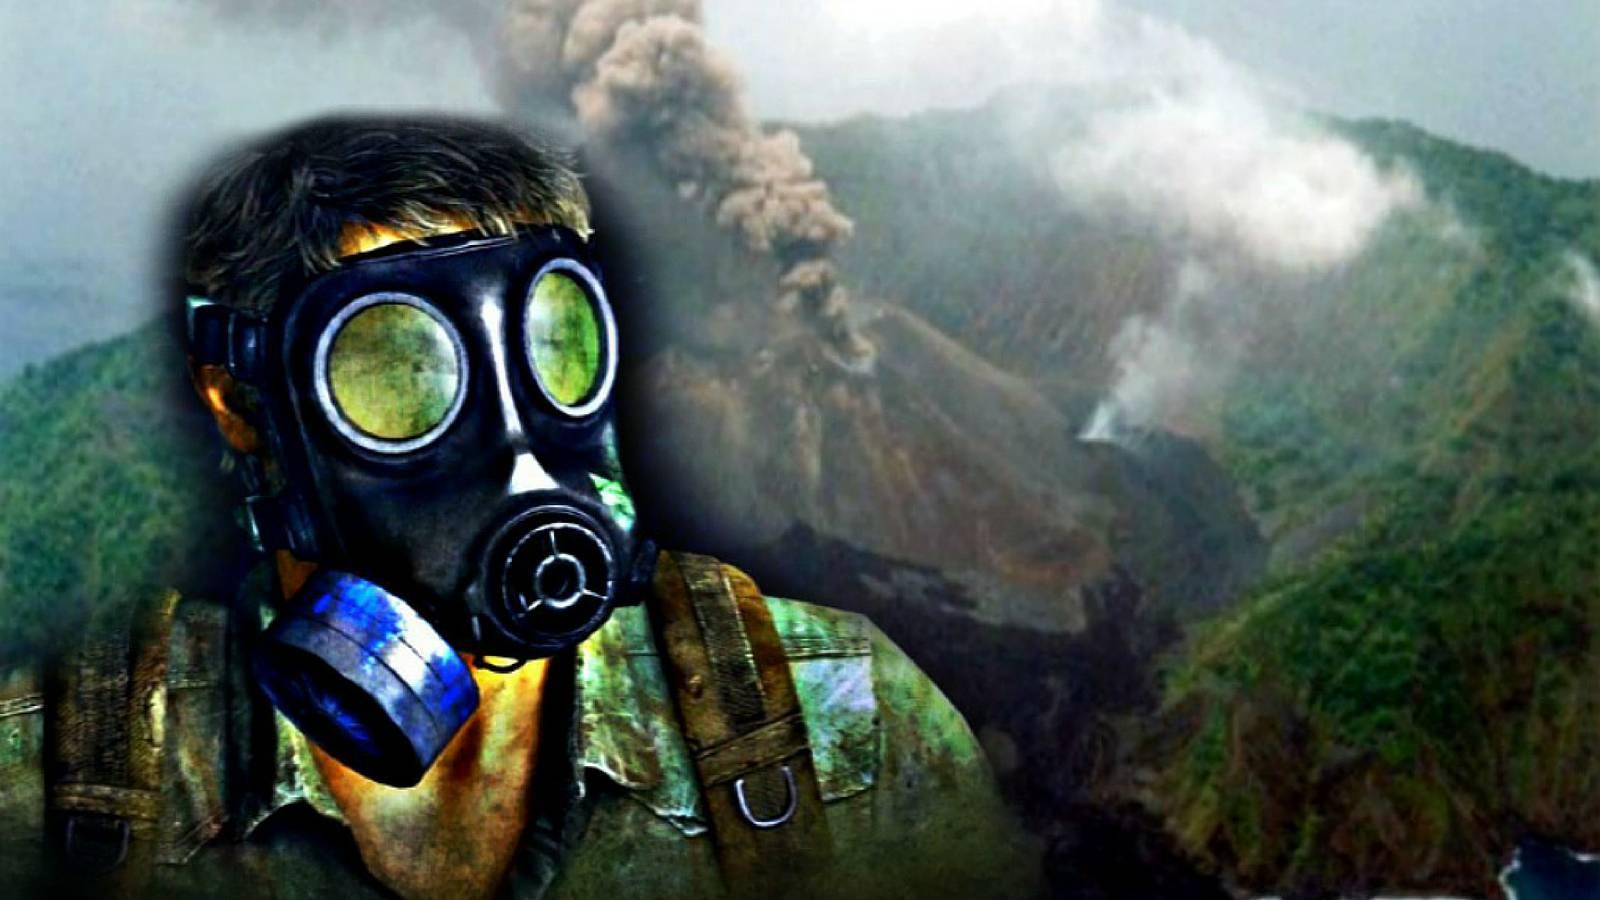 Oslobađanje CO2 će promijeniti sve: Cijeli planet će se ugušiti